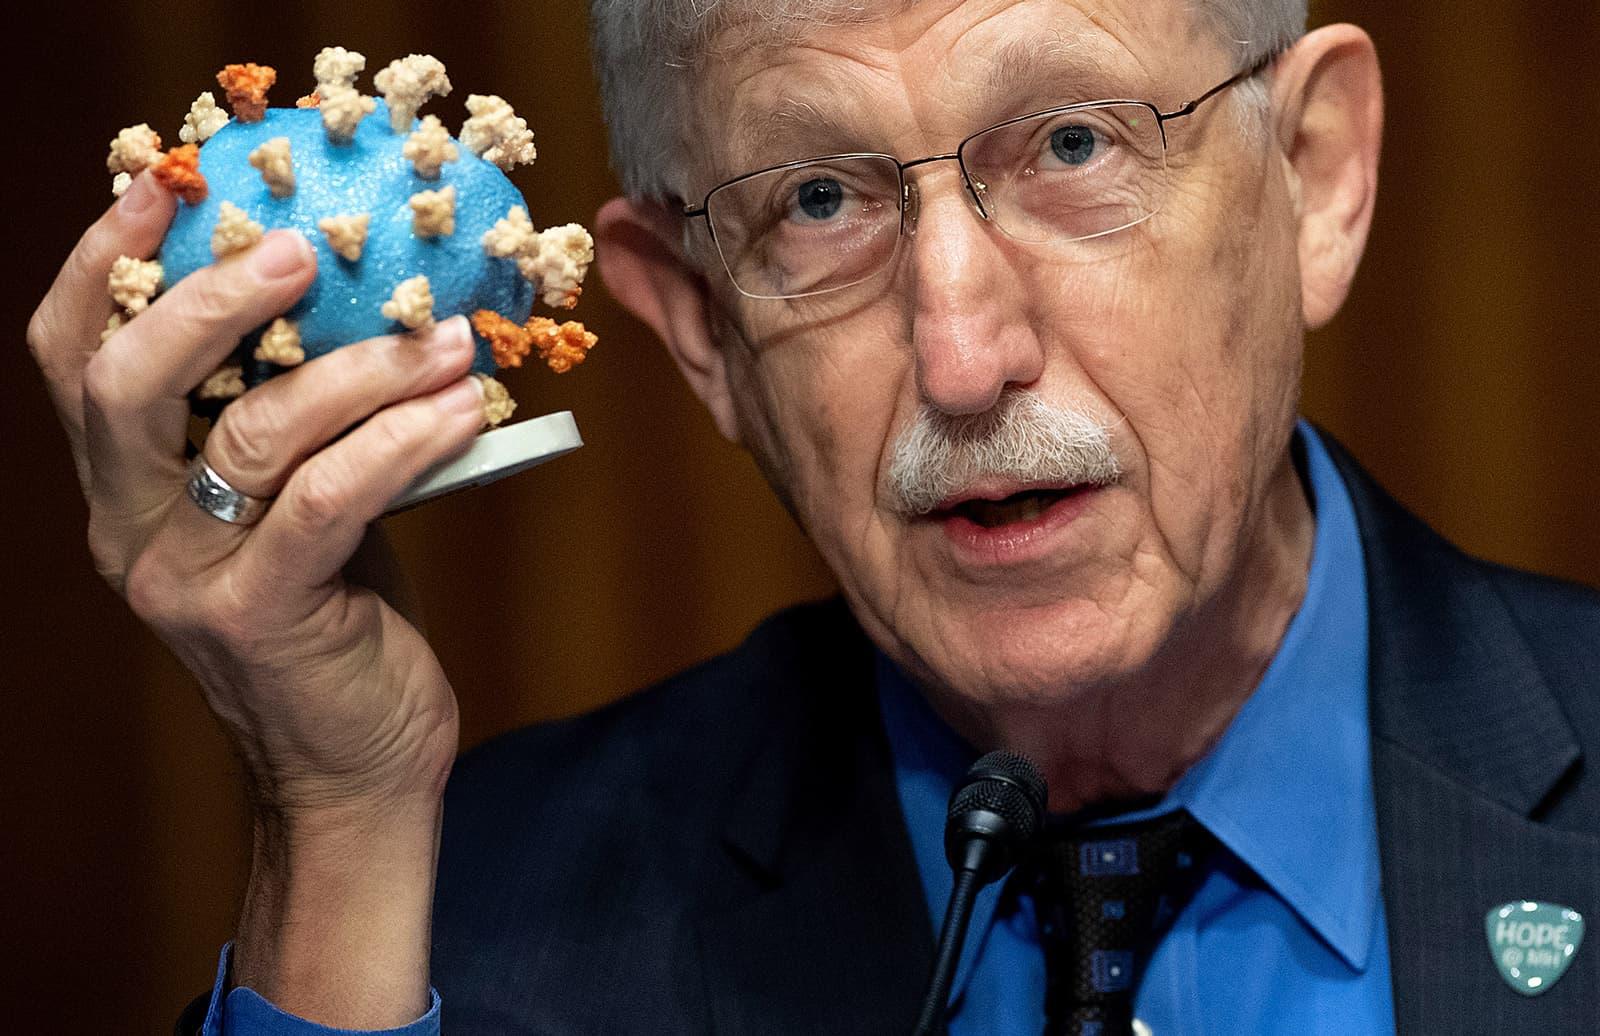 El director dels Instituts Nacionals de la Salut dels Estats Units, Francis Collins, amb una maqueta del virus de la covid-19, en una roda de premsa a Washington, el 2 de juliol. Fotografia de Saul Loeb. Getty Images.